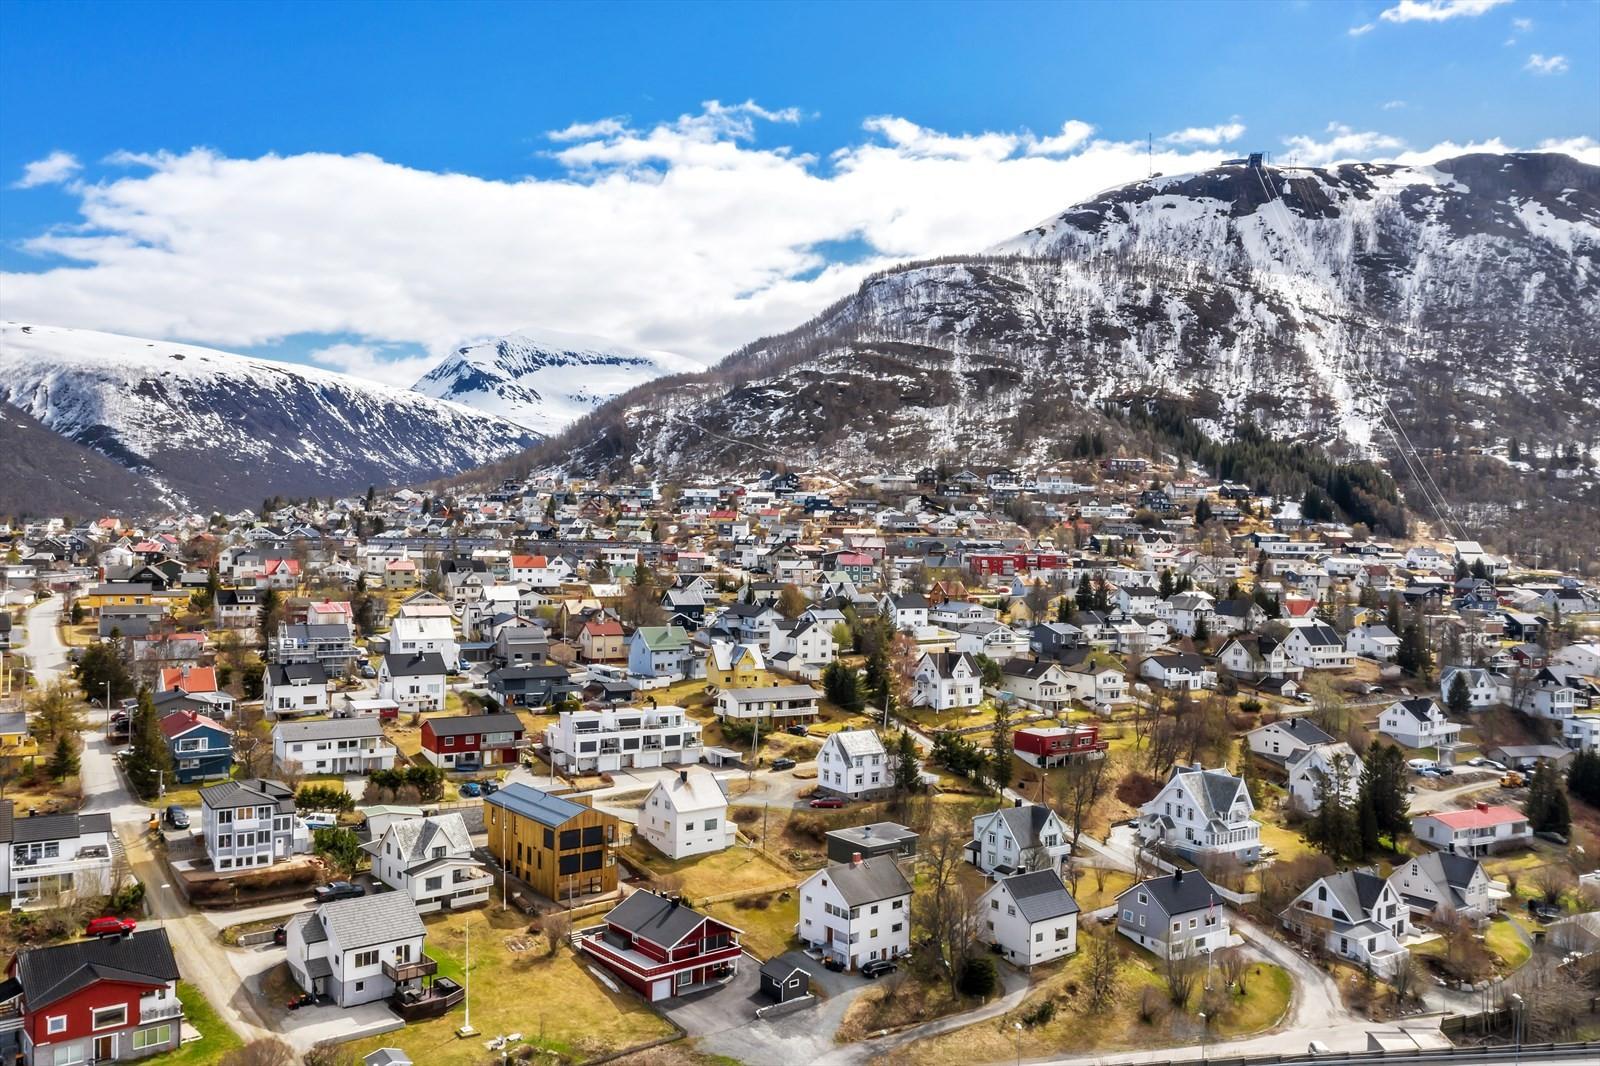 Tromsdalen gir umiddelbar adgang til flotte turområder